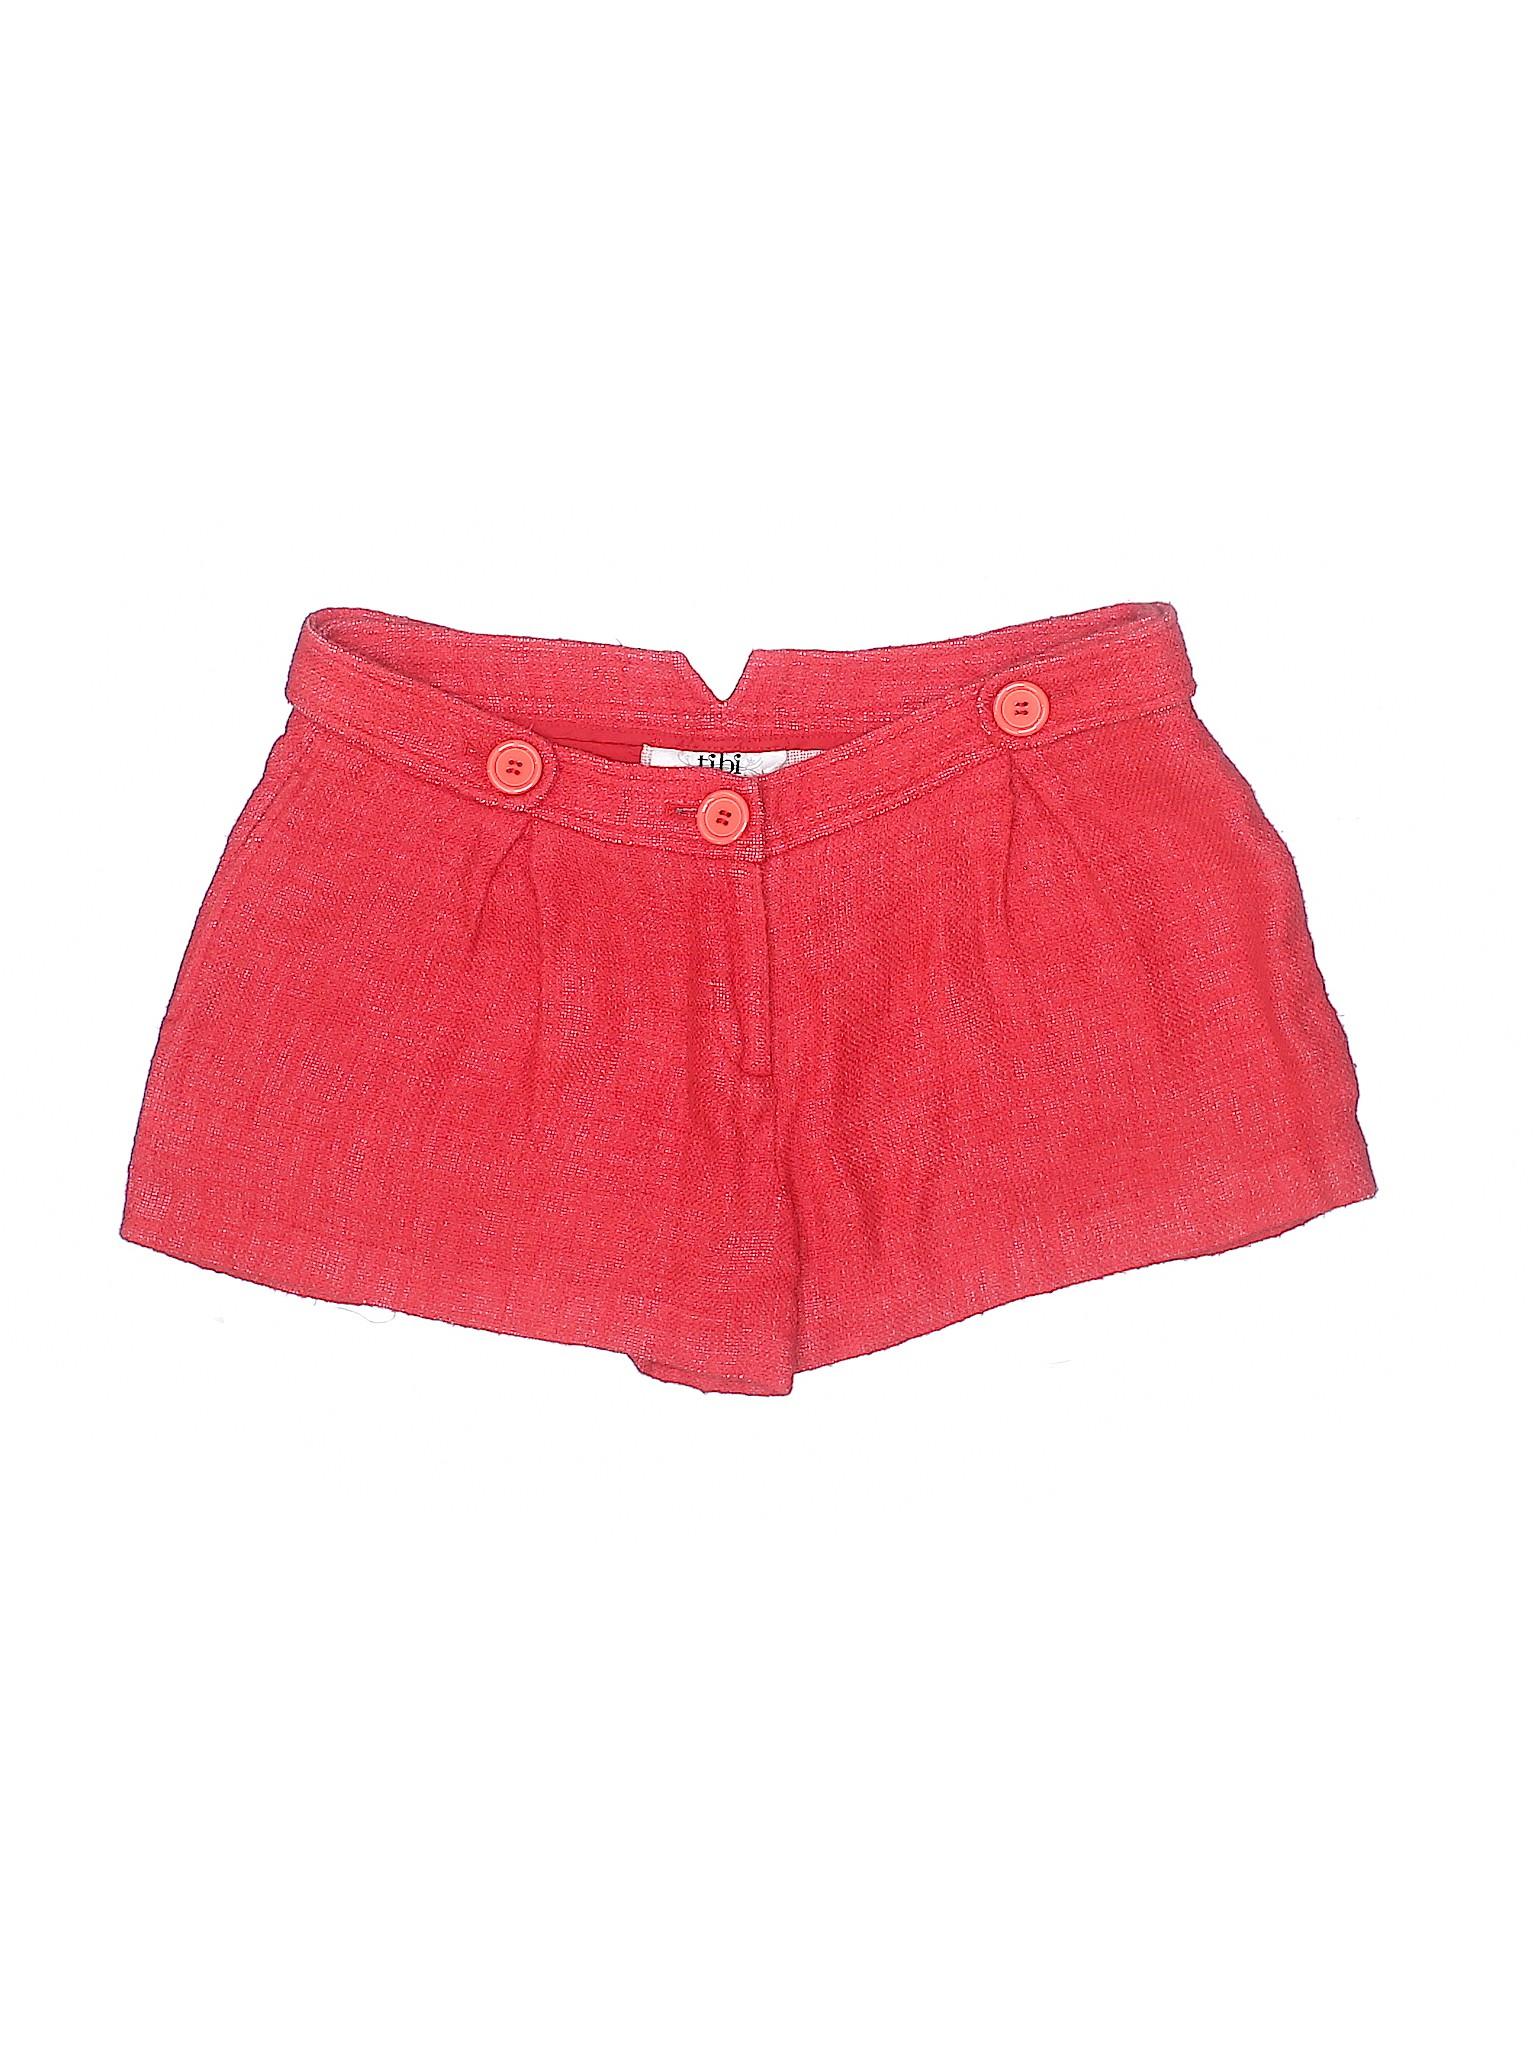 Tibi Boutique Boutique Tibi leisure Shorts leisure Shorts vdgBvq